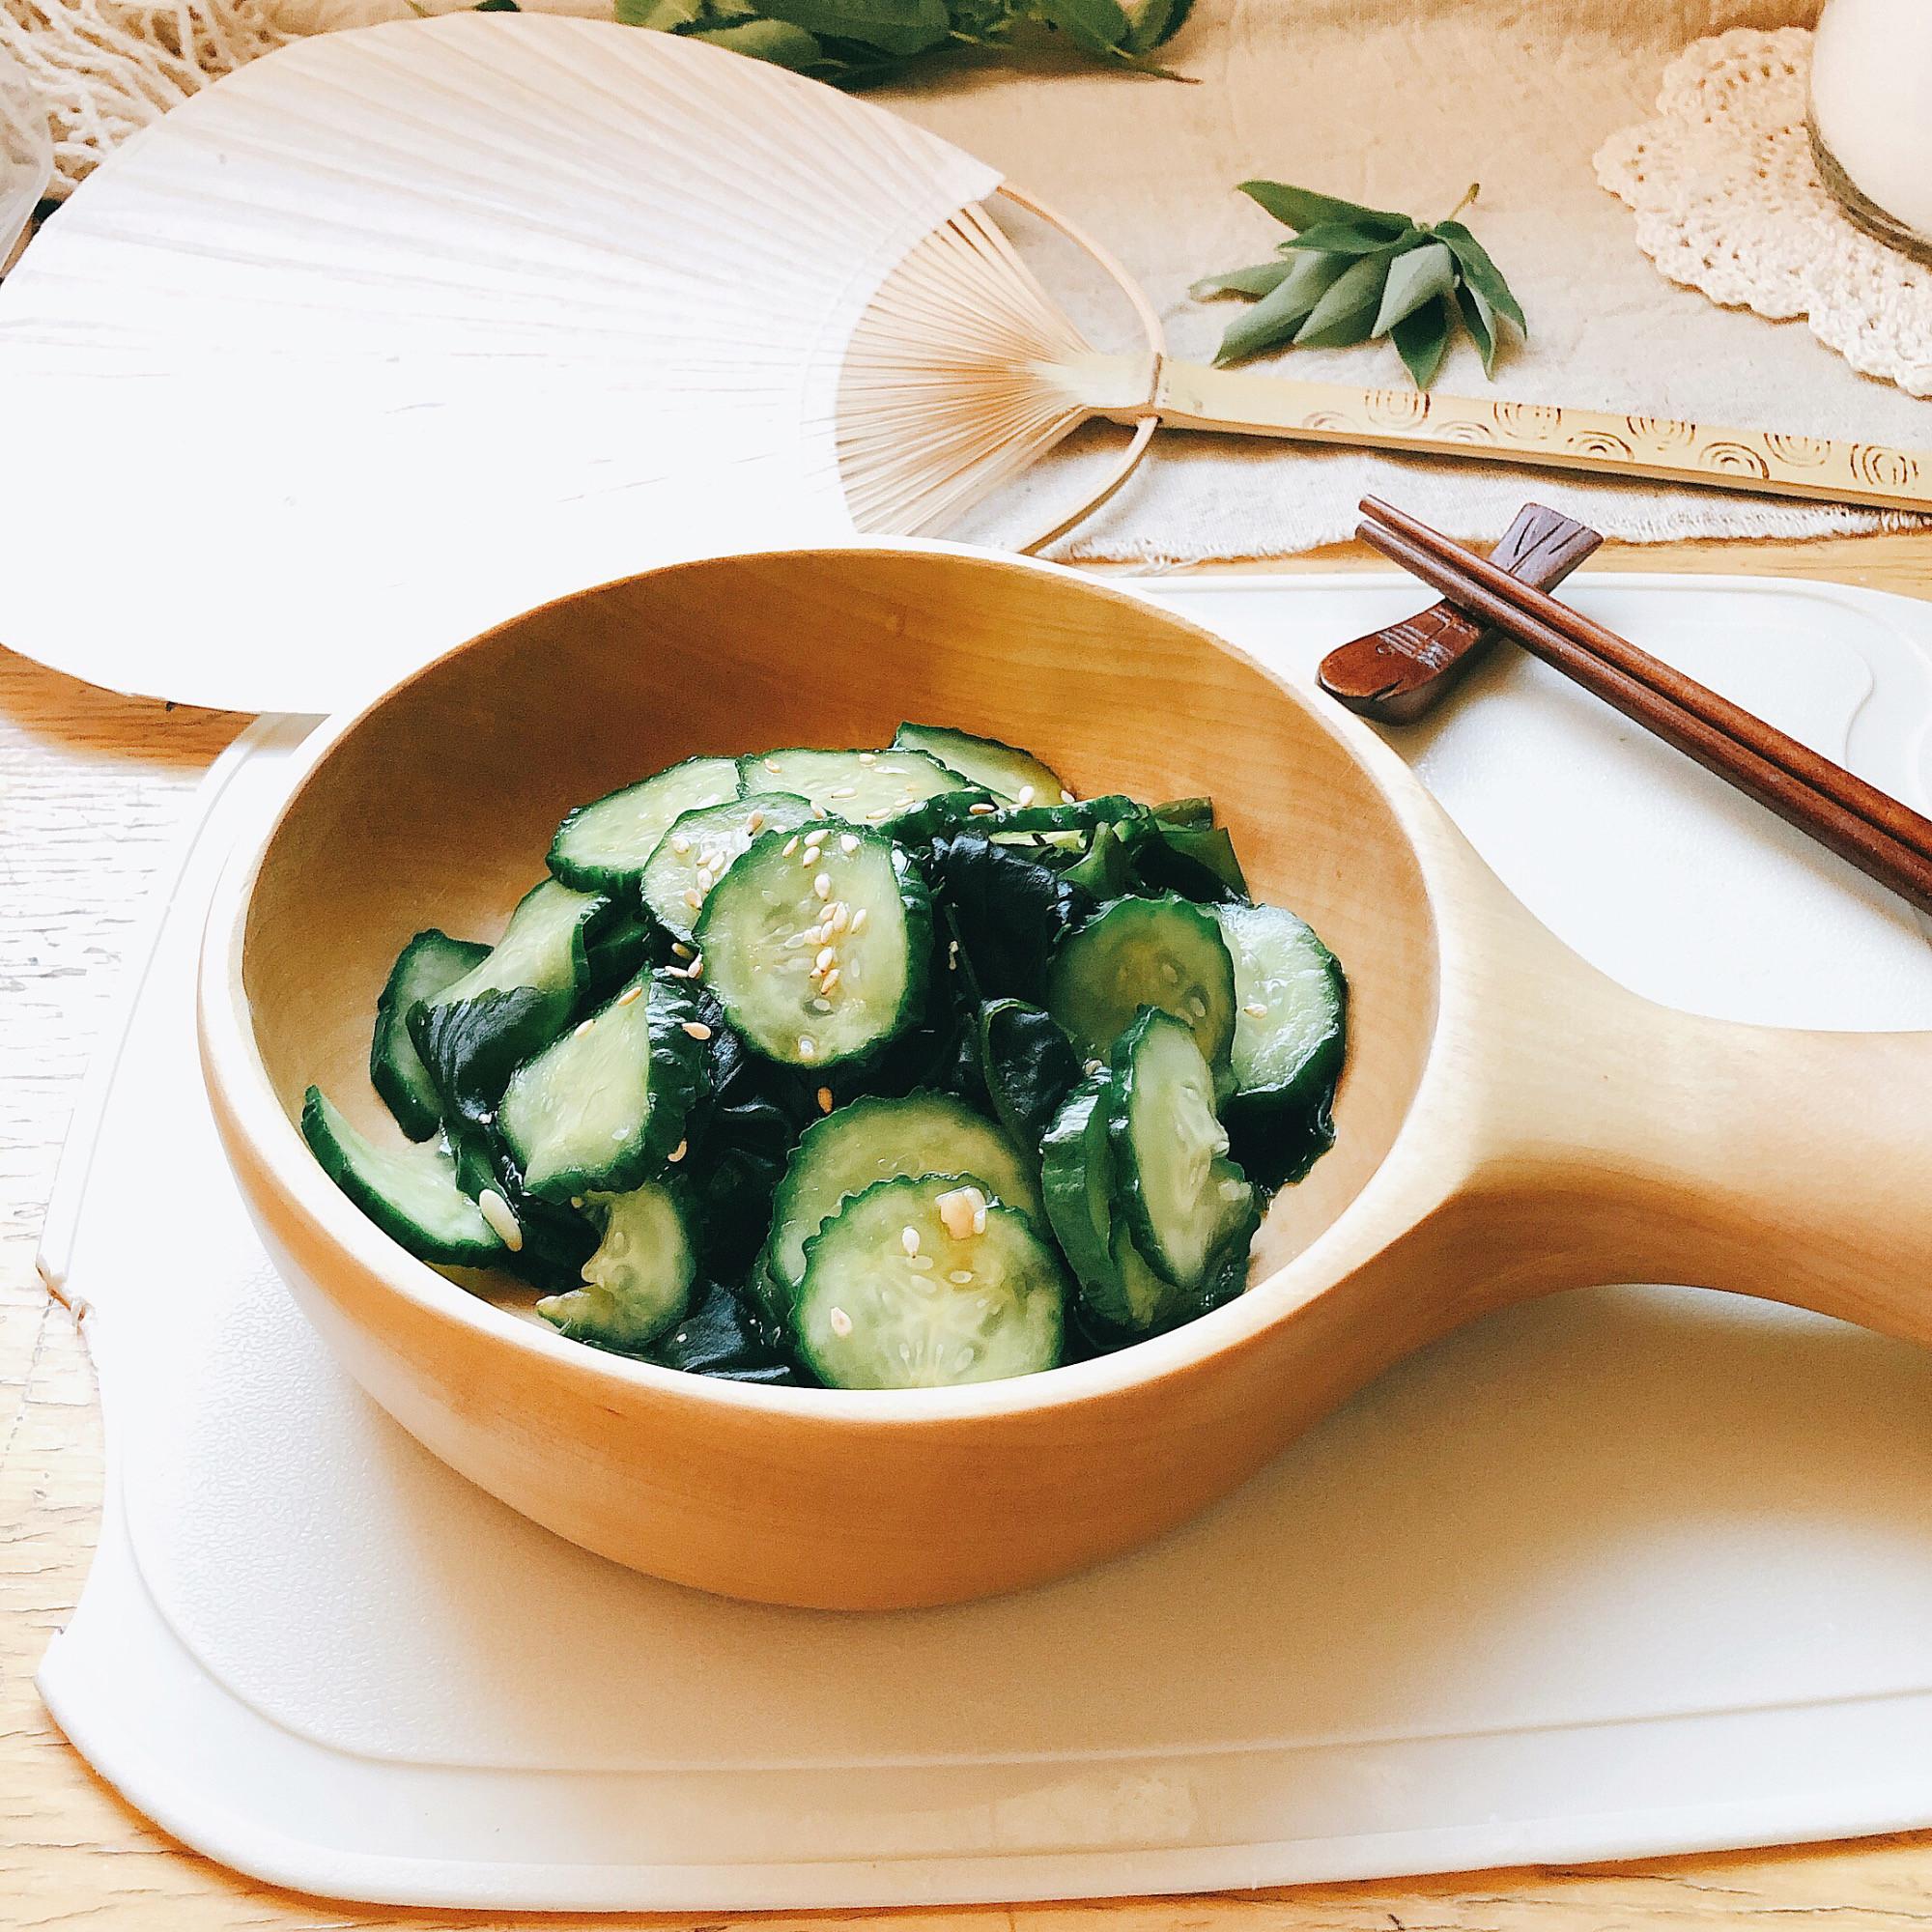 「夏日漬物」日式清新酸甜淺漬黃瓜